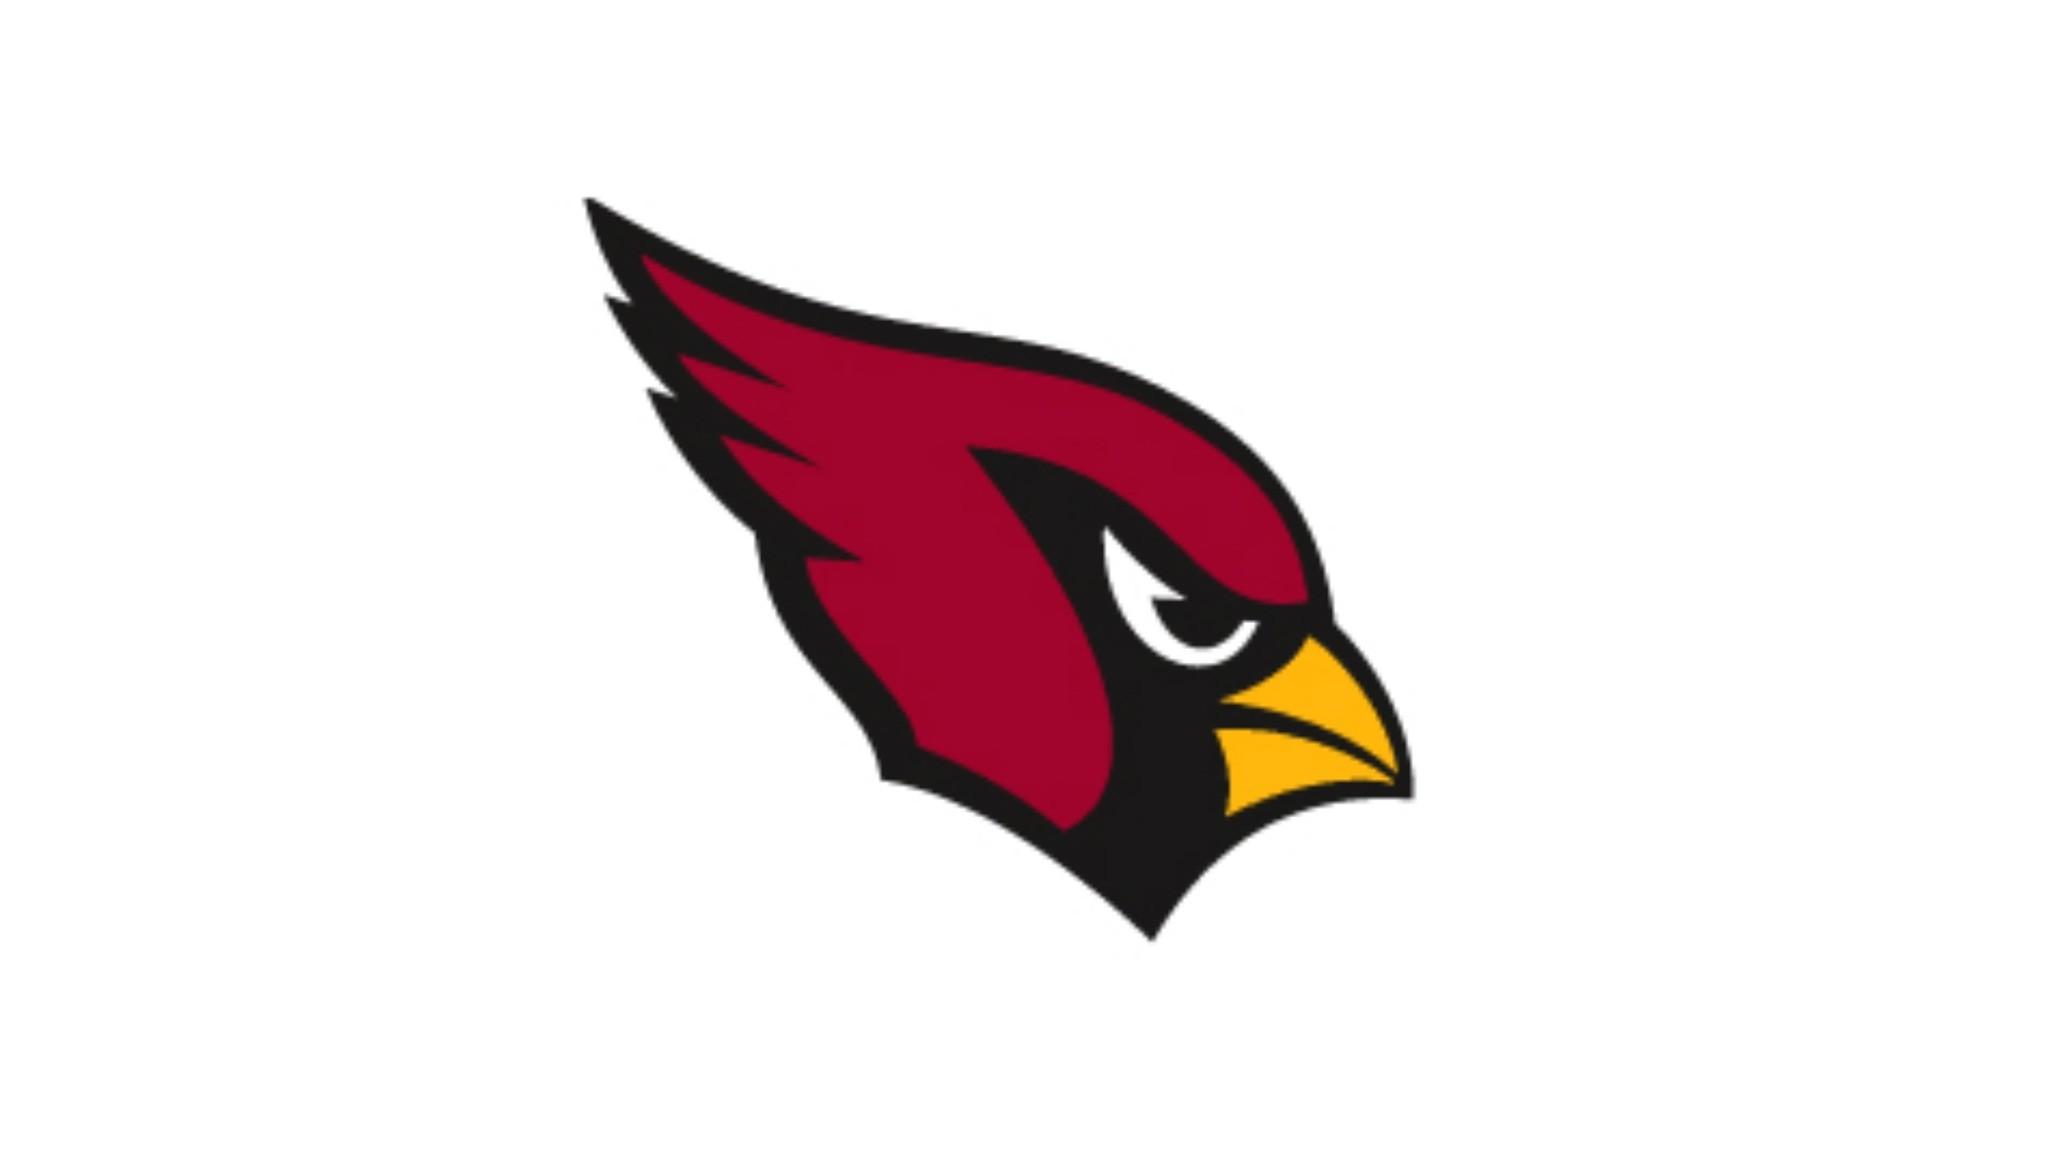 【チーム紹介】アリゾナ・カーディナルス Arizona Cardinals